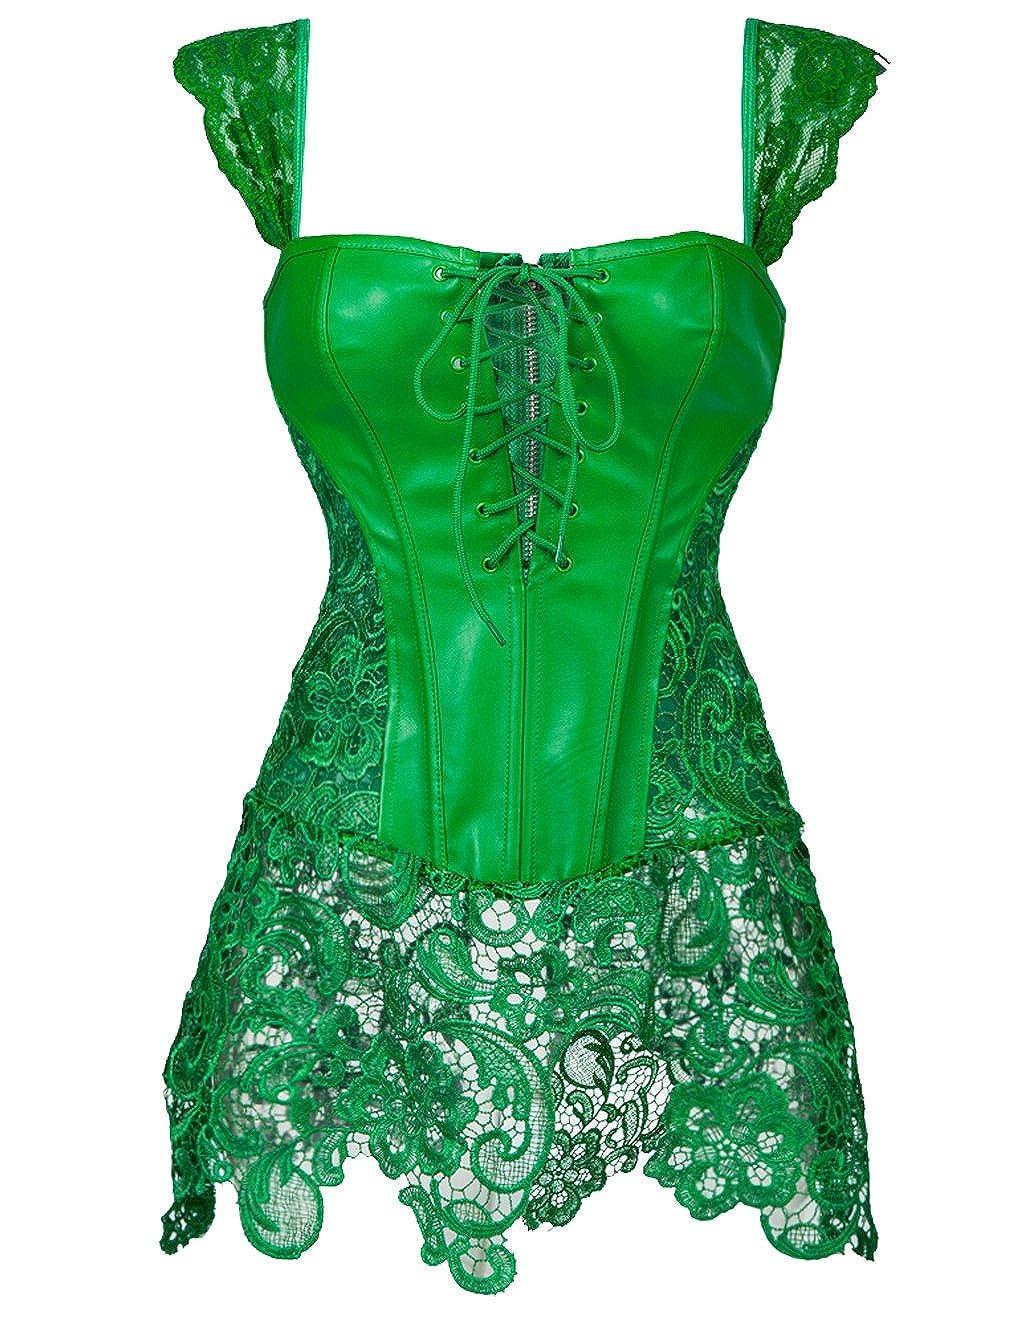 Beauty-You Damen Steampunk Korsett Kunstleder korsagenkleid Rock Kostüm (4XL/DE 44-46, Grün) Grün)